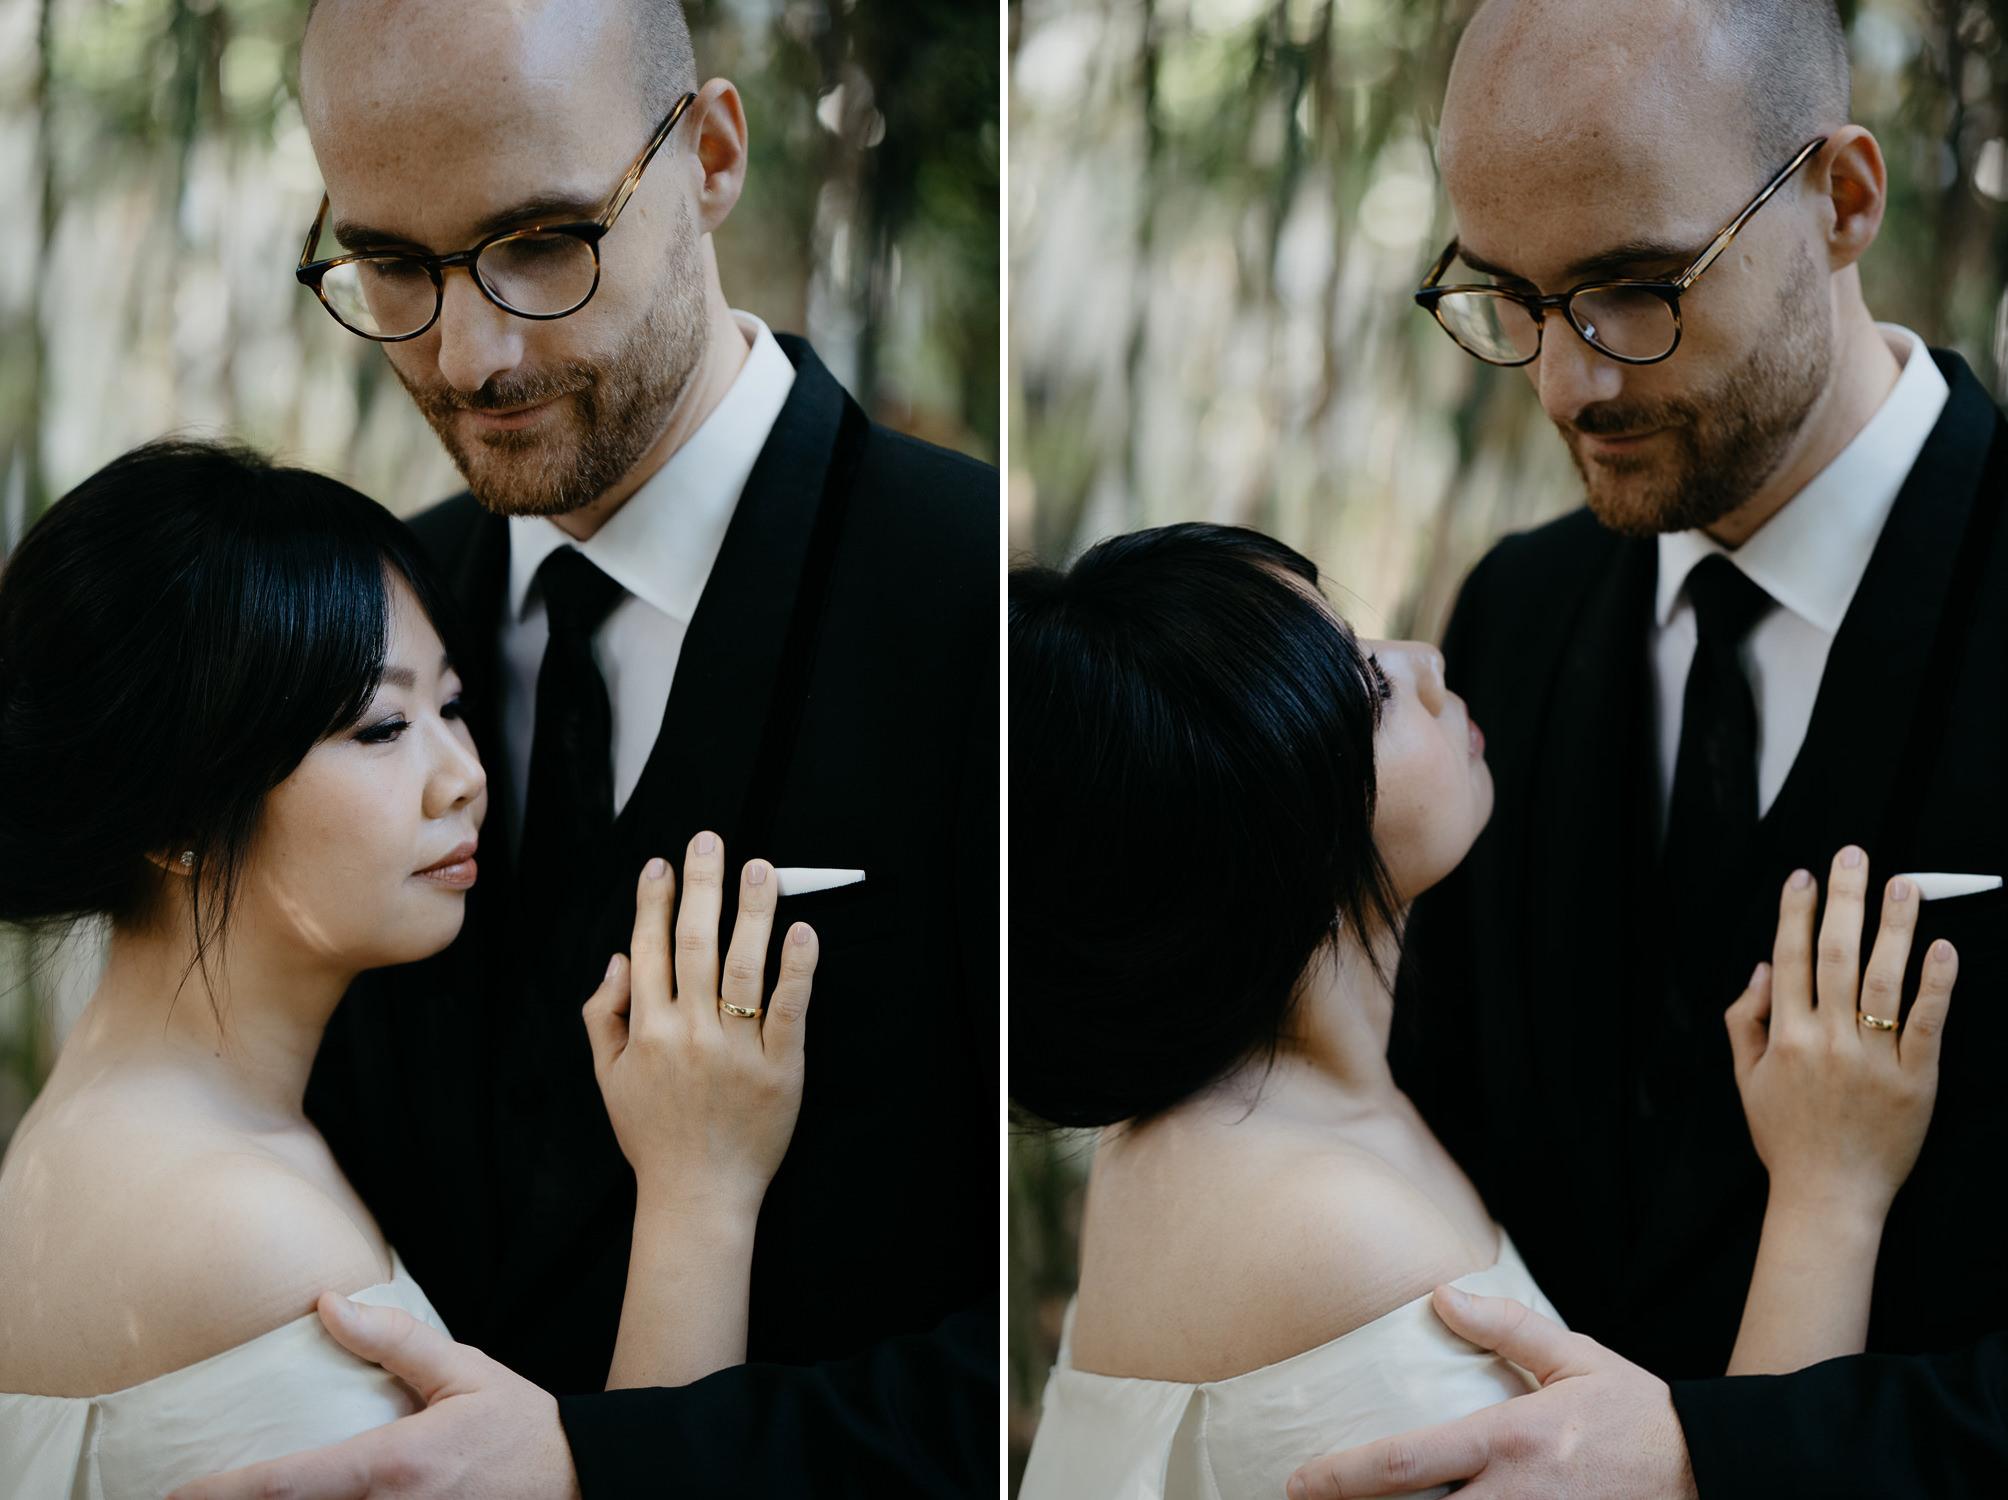 liefdevol moment gefotografeerd door fotograaf mark hadden